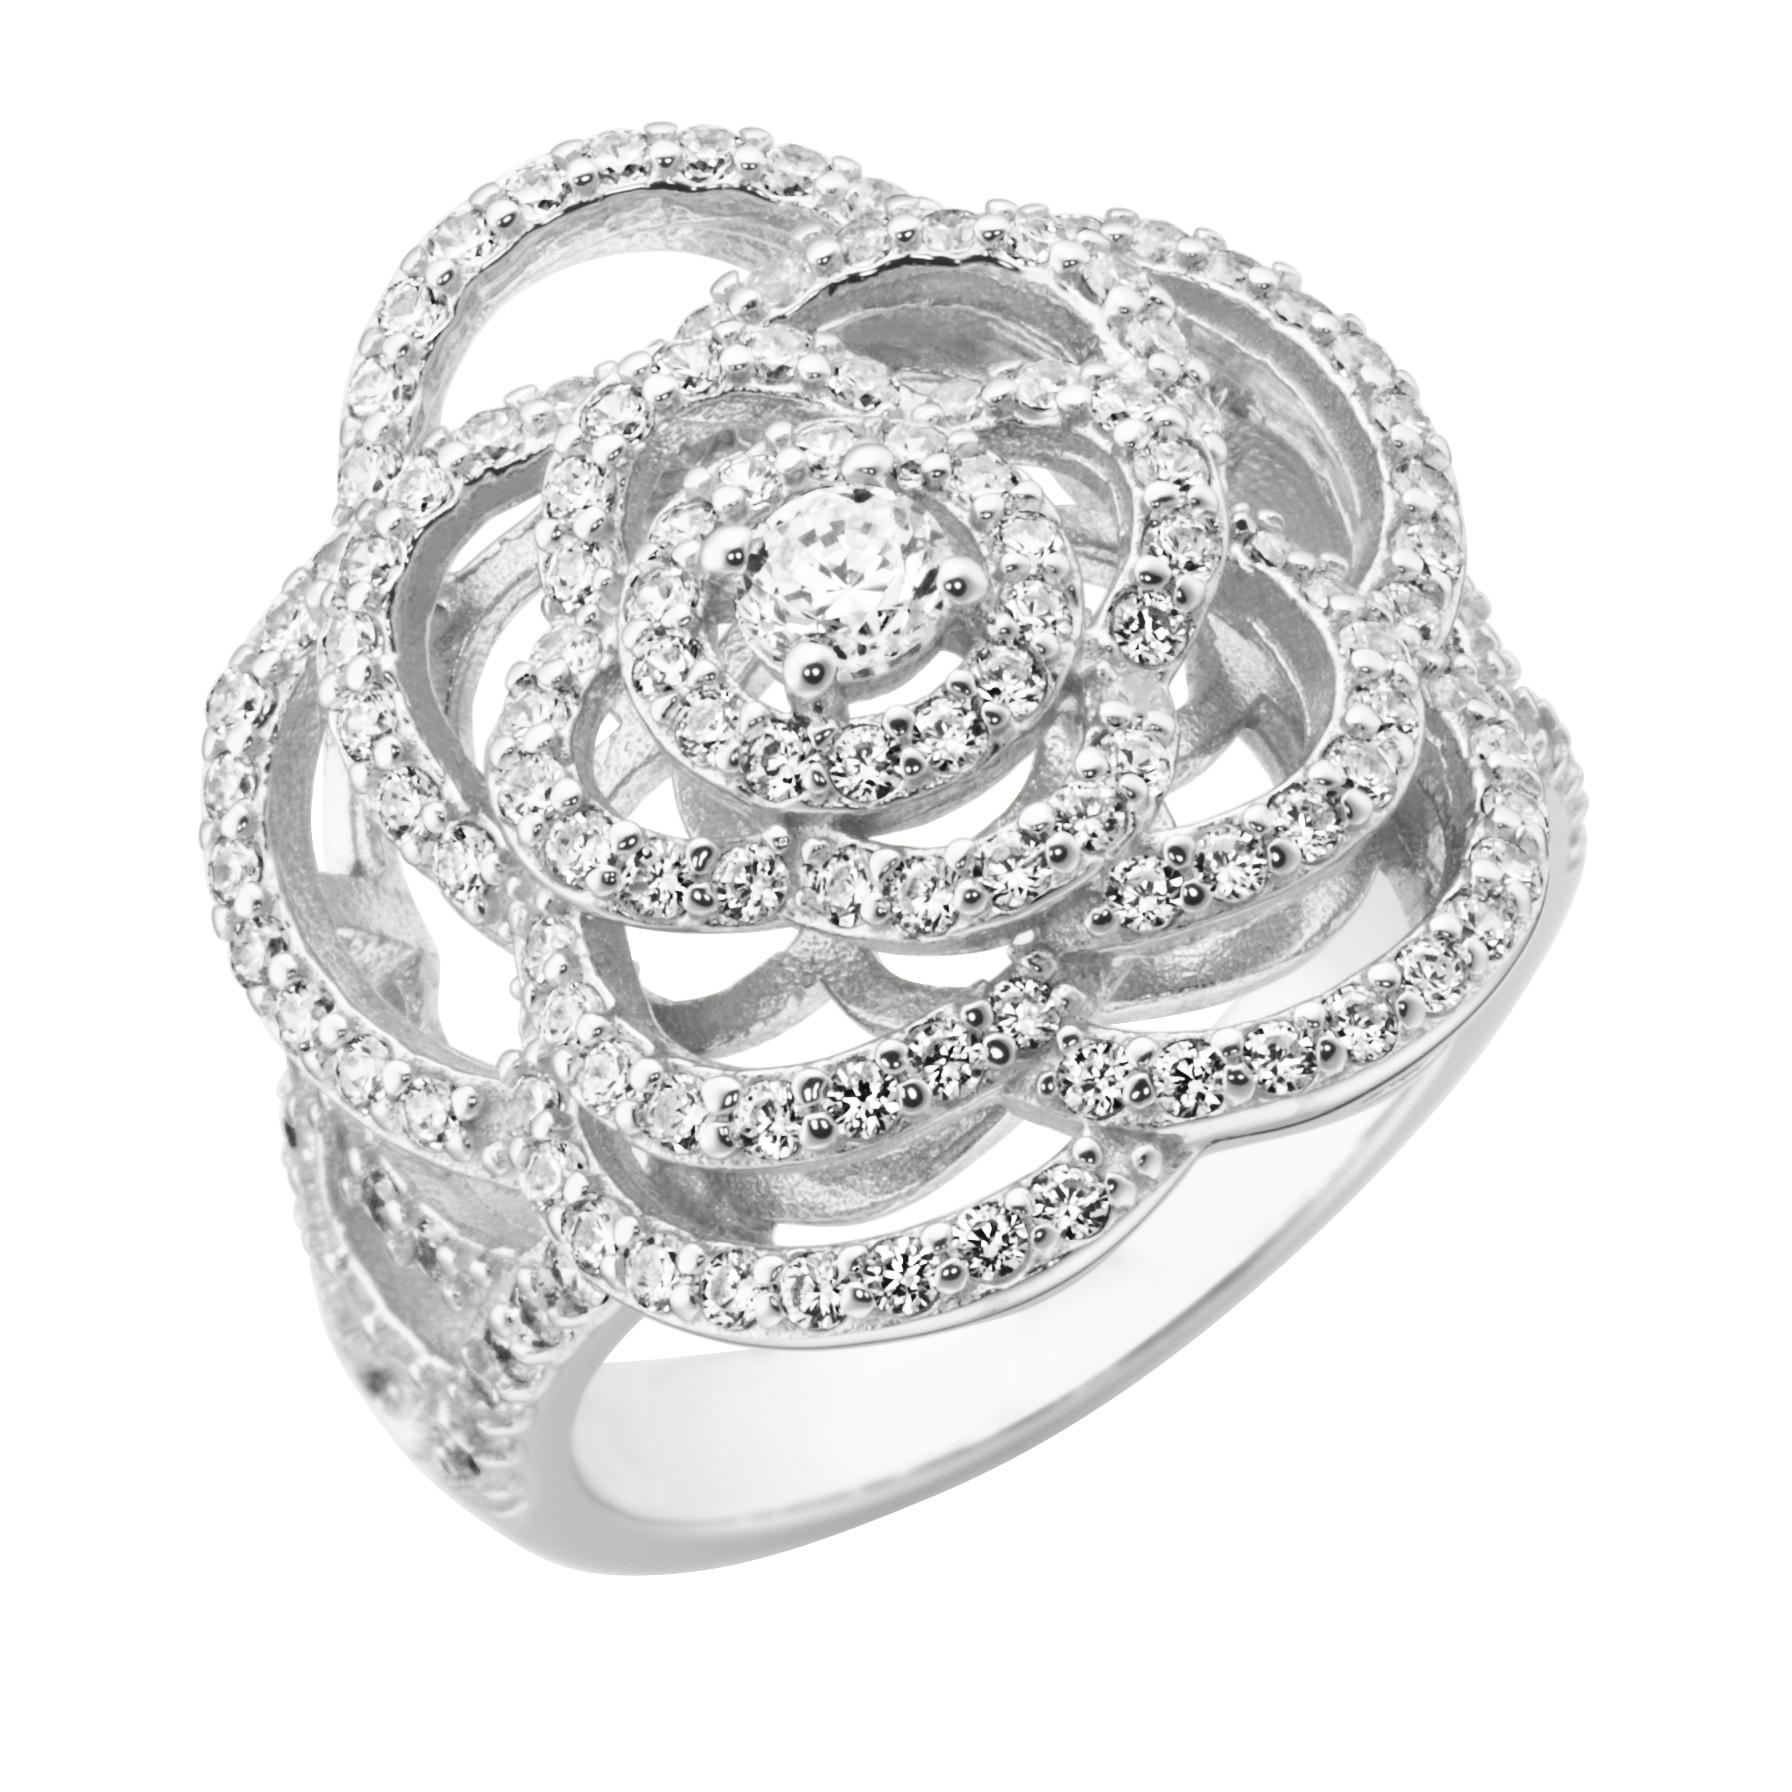 Blüte mit weißen Zirkonia, Silber 925